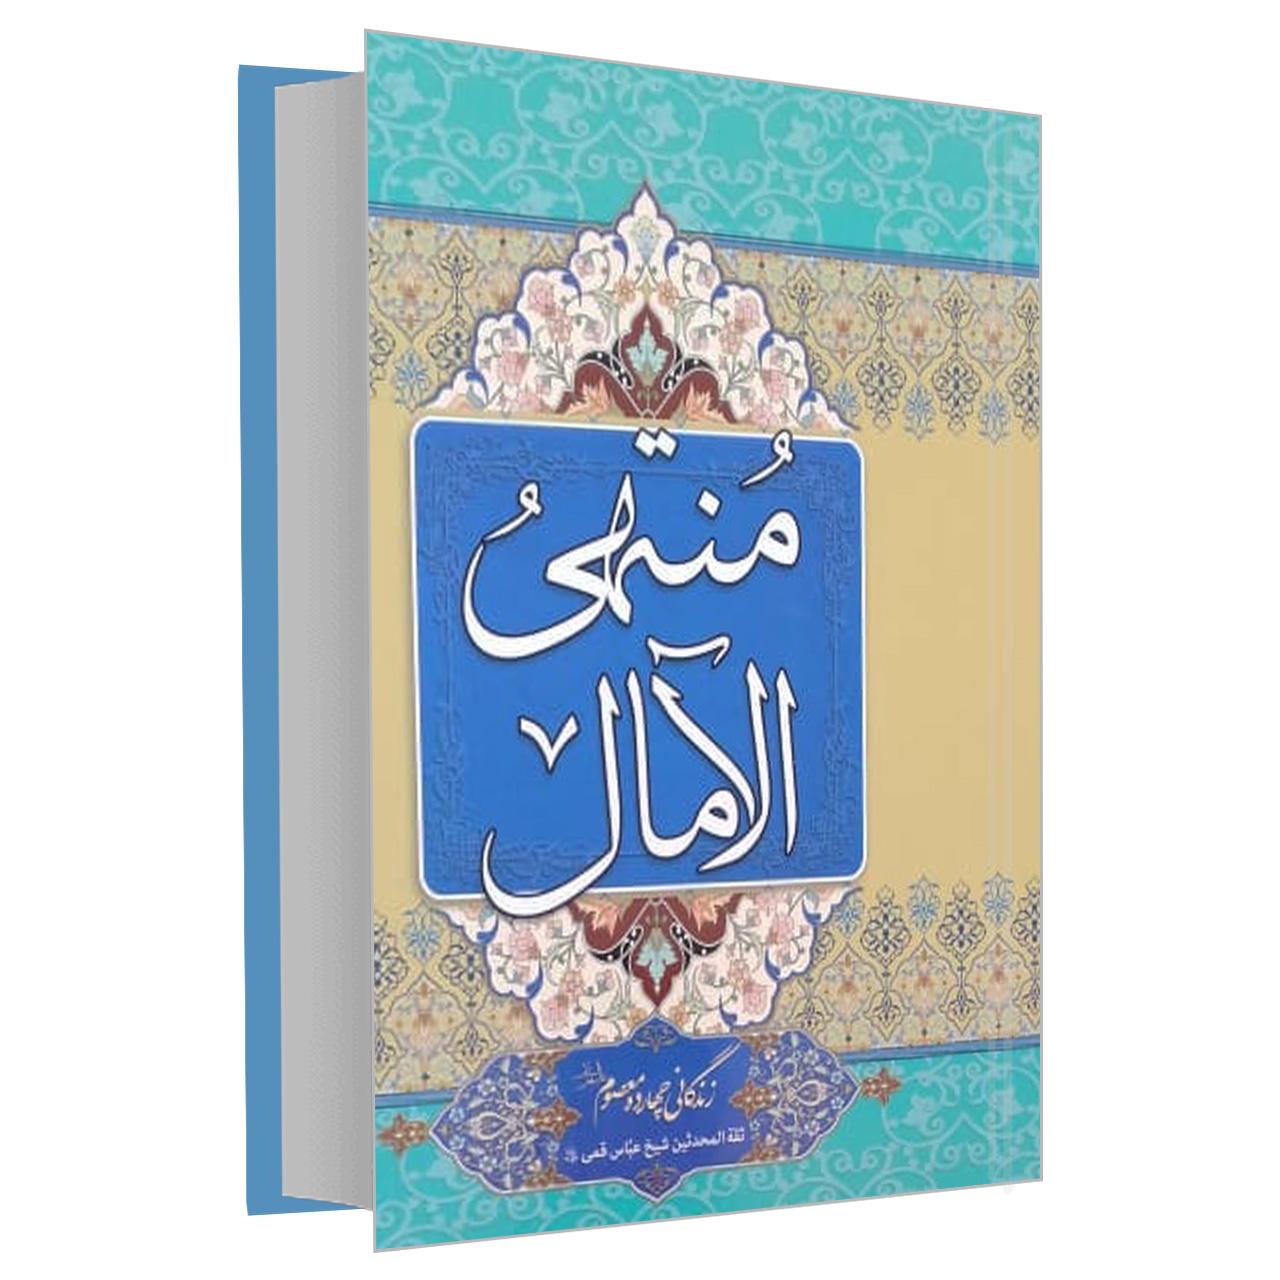 خرید                      کتاب منتهی الآمال اثر حاج شیخ عباس قمی انتشارات یادمان اندیشه